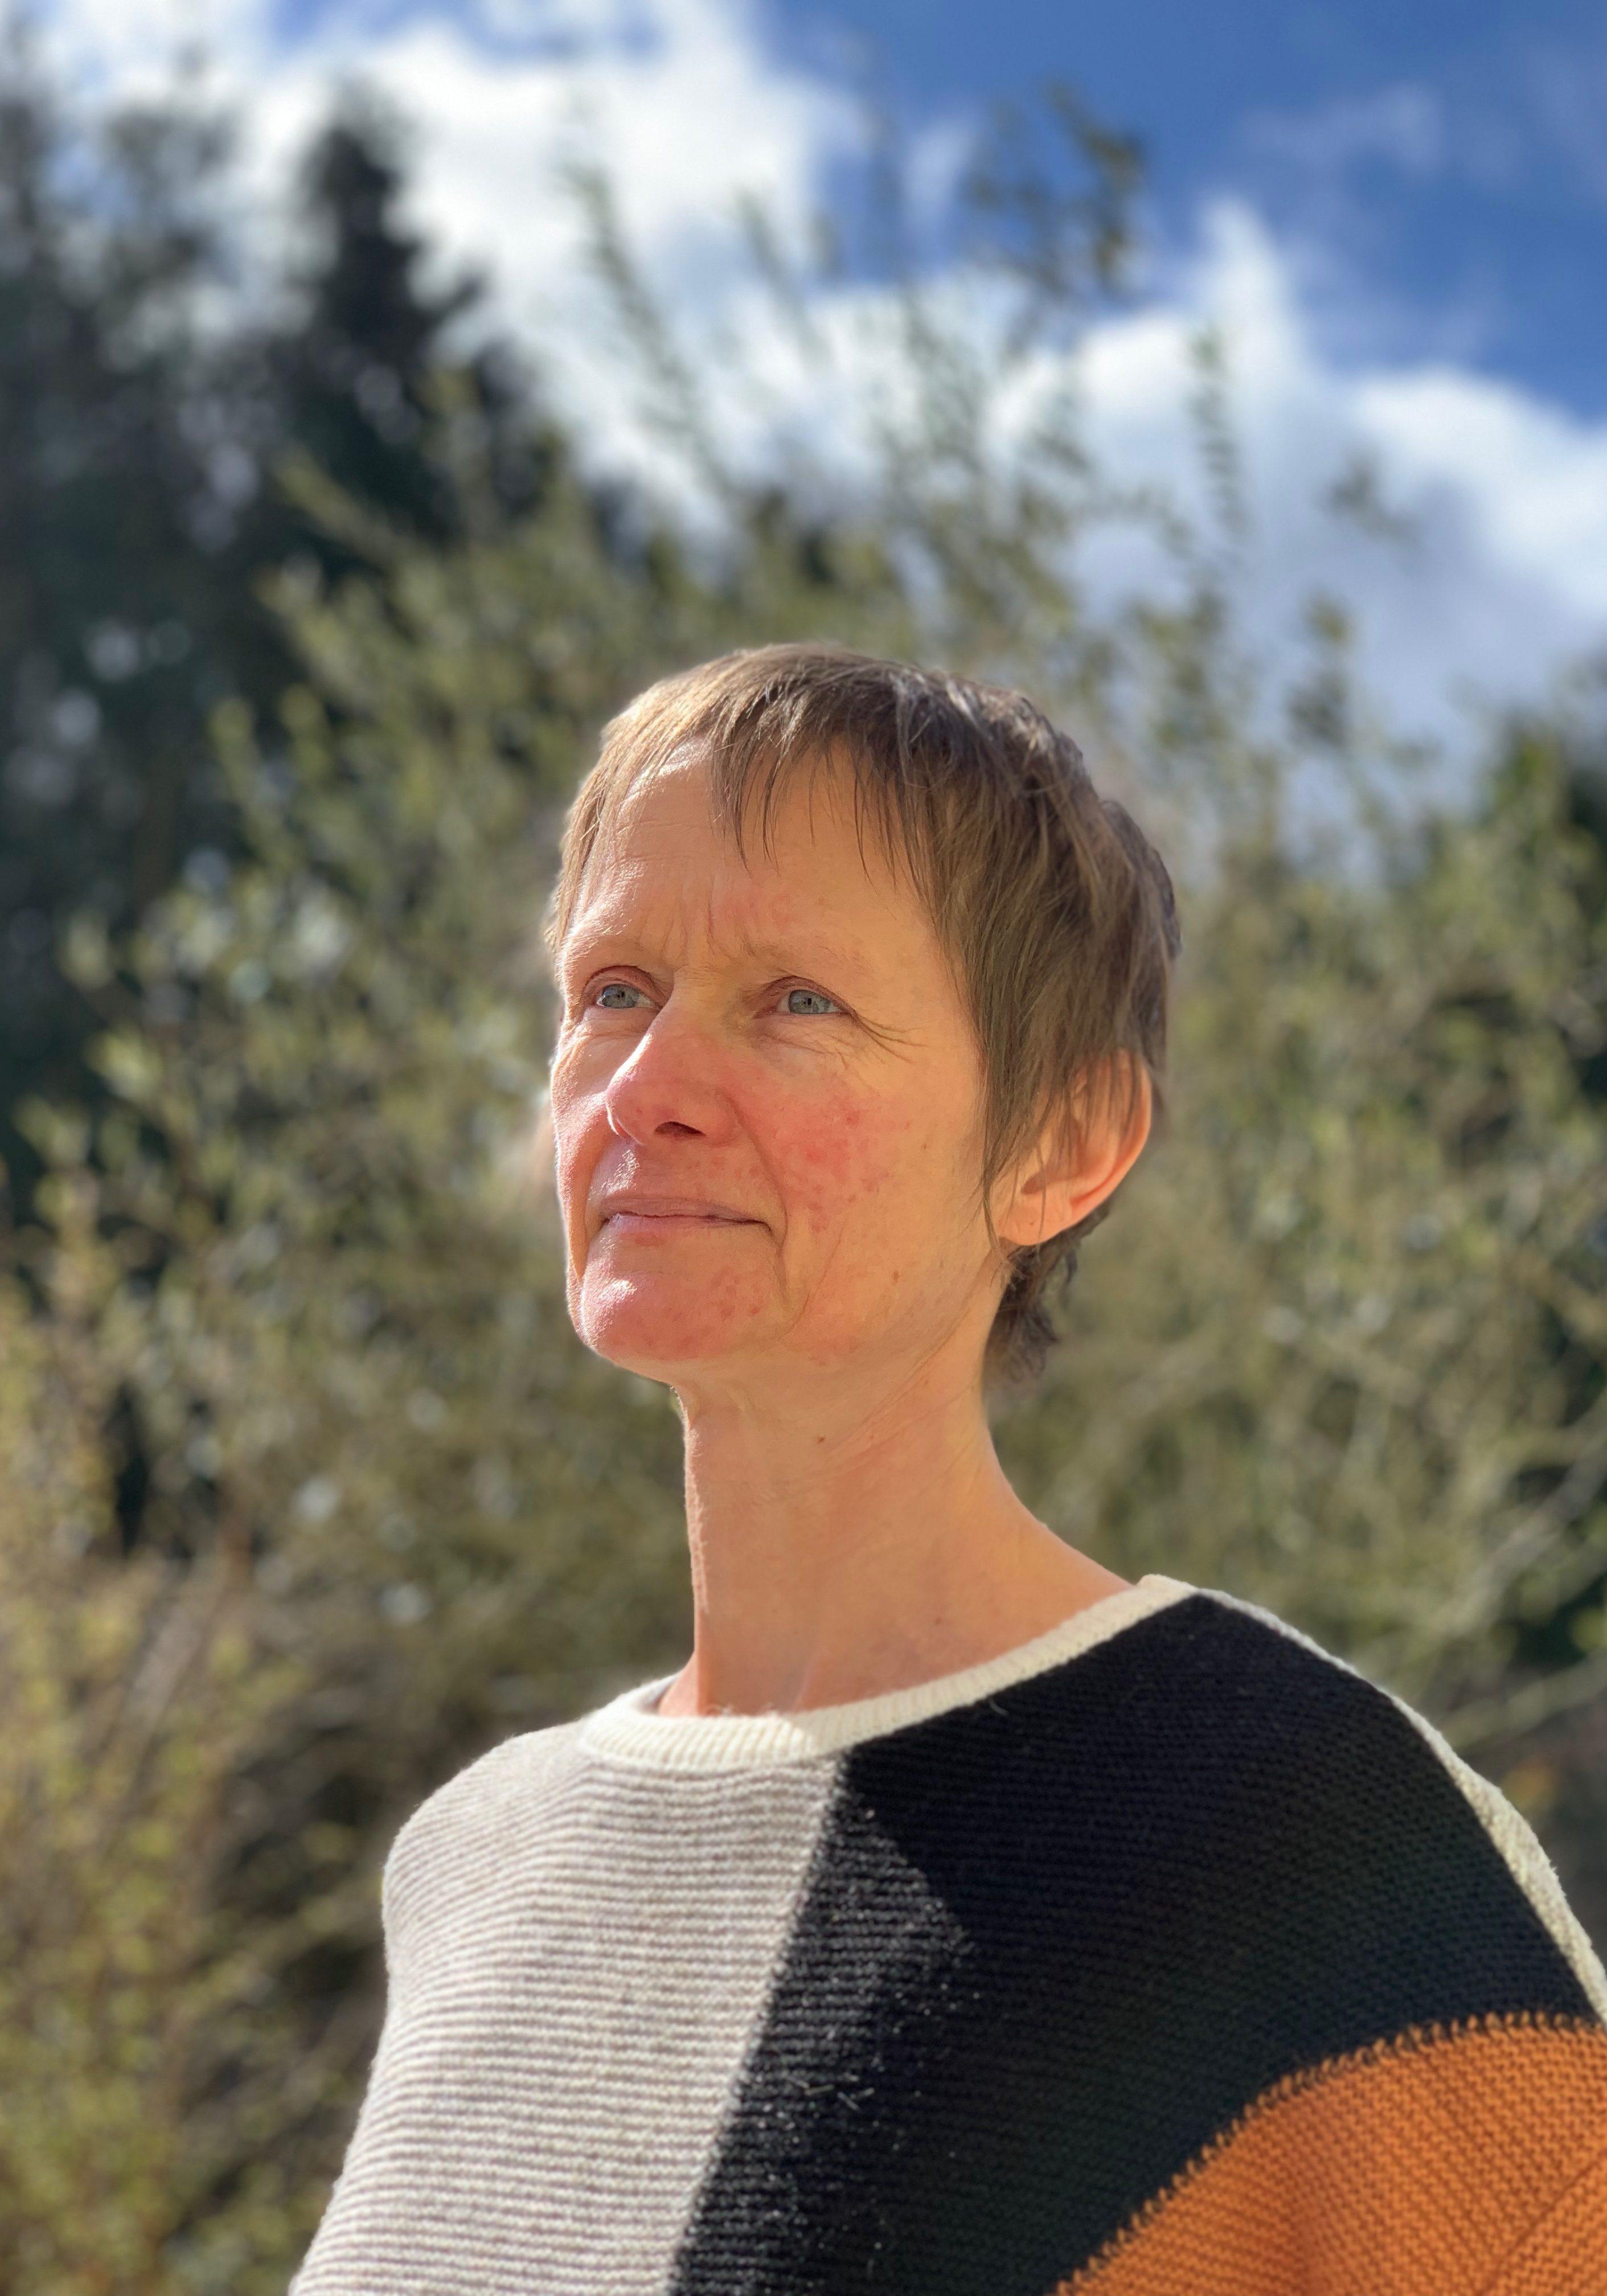 Delalande portrait 2019